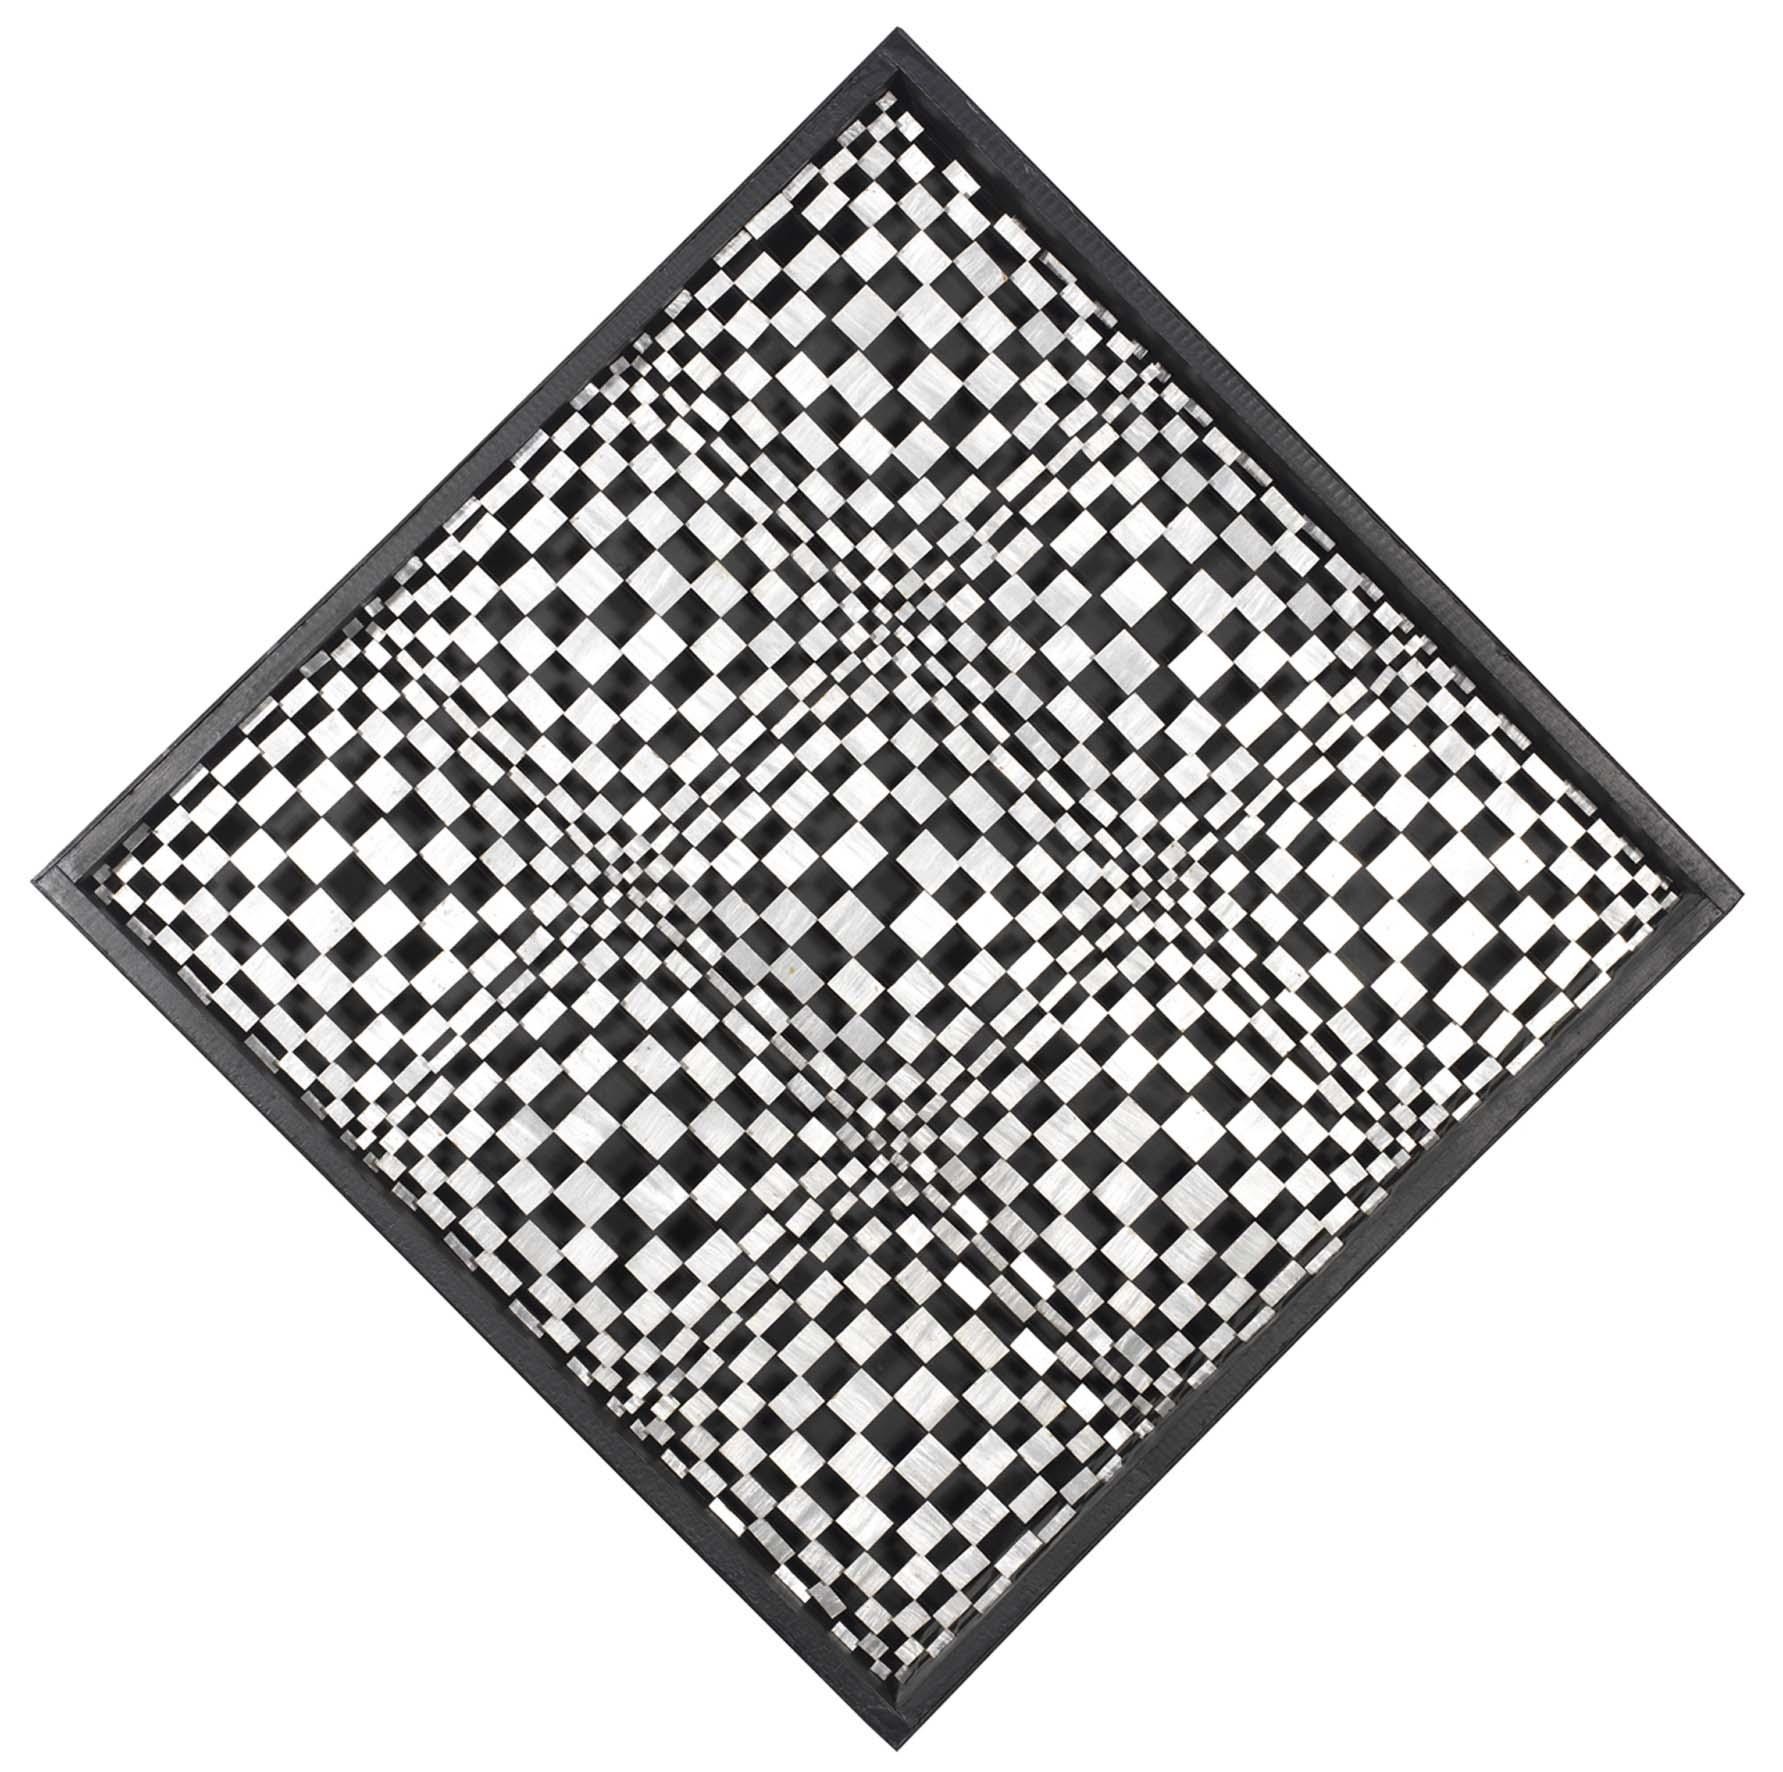 Dadamaino, Oggetto ottico dinamico indeterminato negativo P.3, 1963-64, piastrine di alluminio su struttura in legno, 133x133 cm